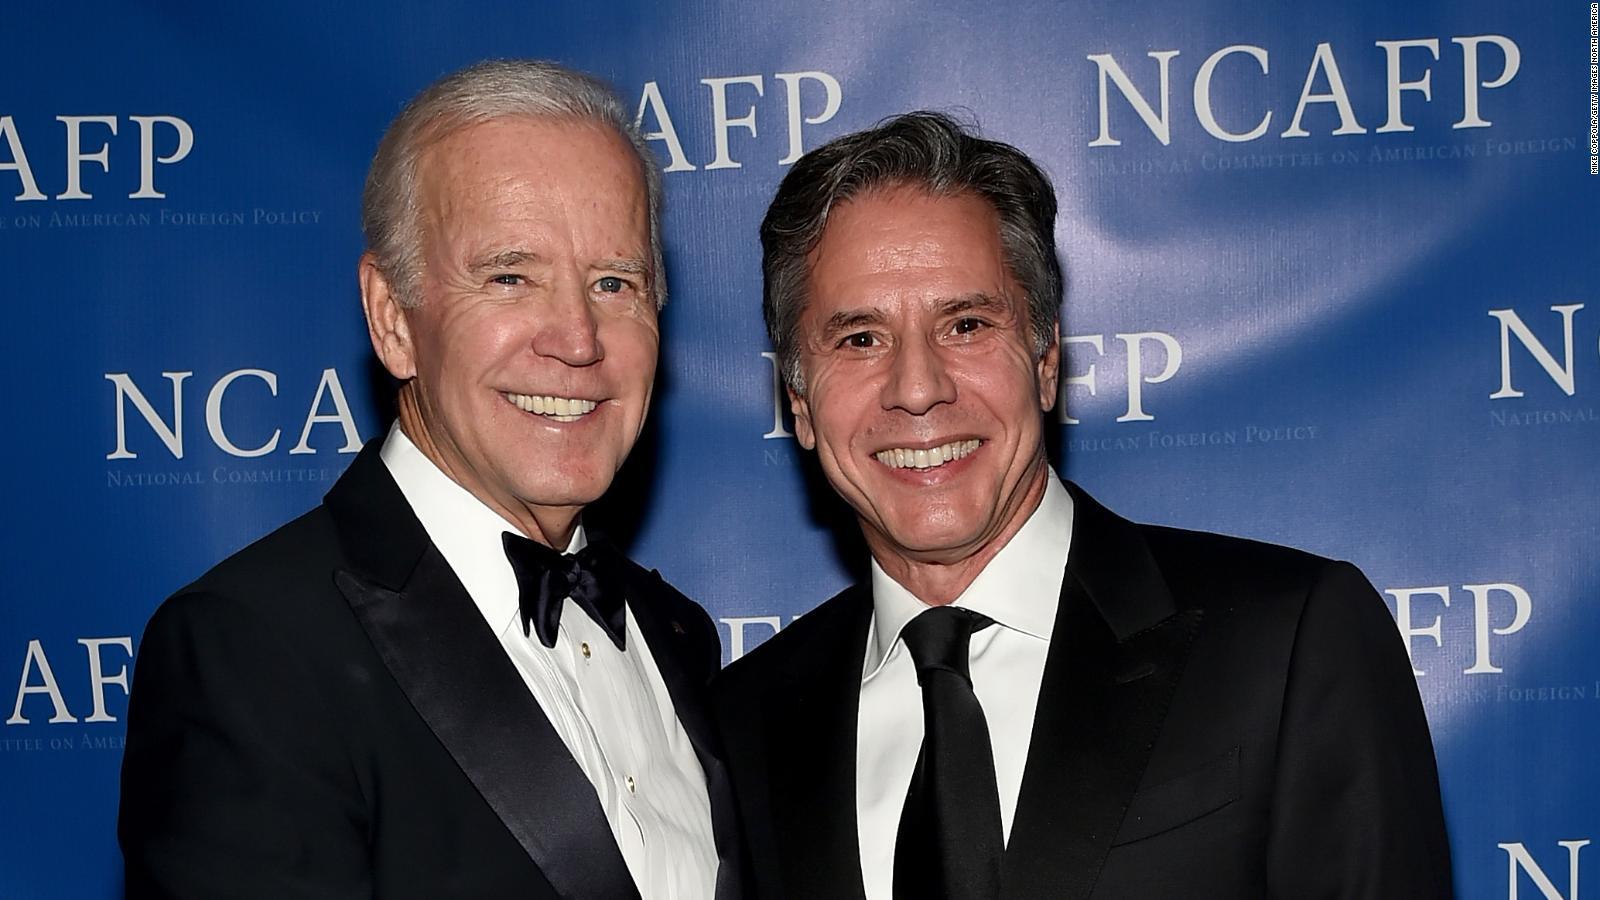 Quién es Antony Blinken, el posible secretario de Estado de Joe Biden? | Video | CNN